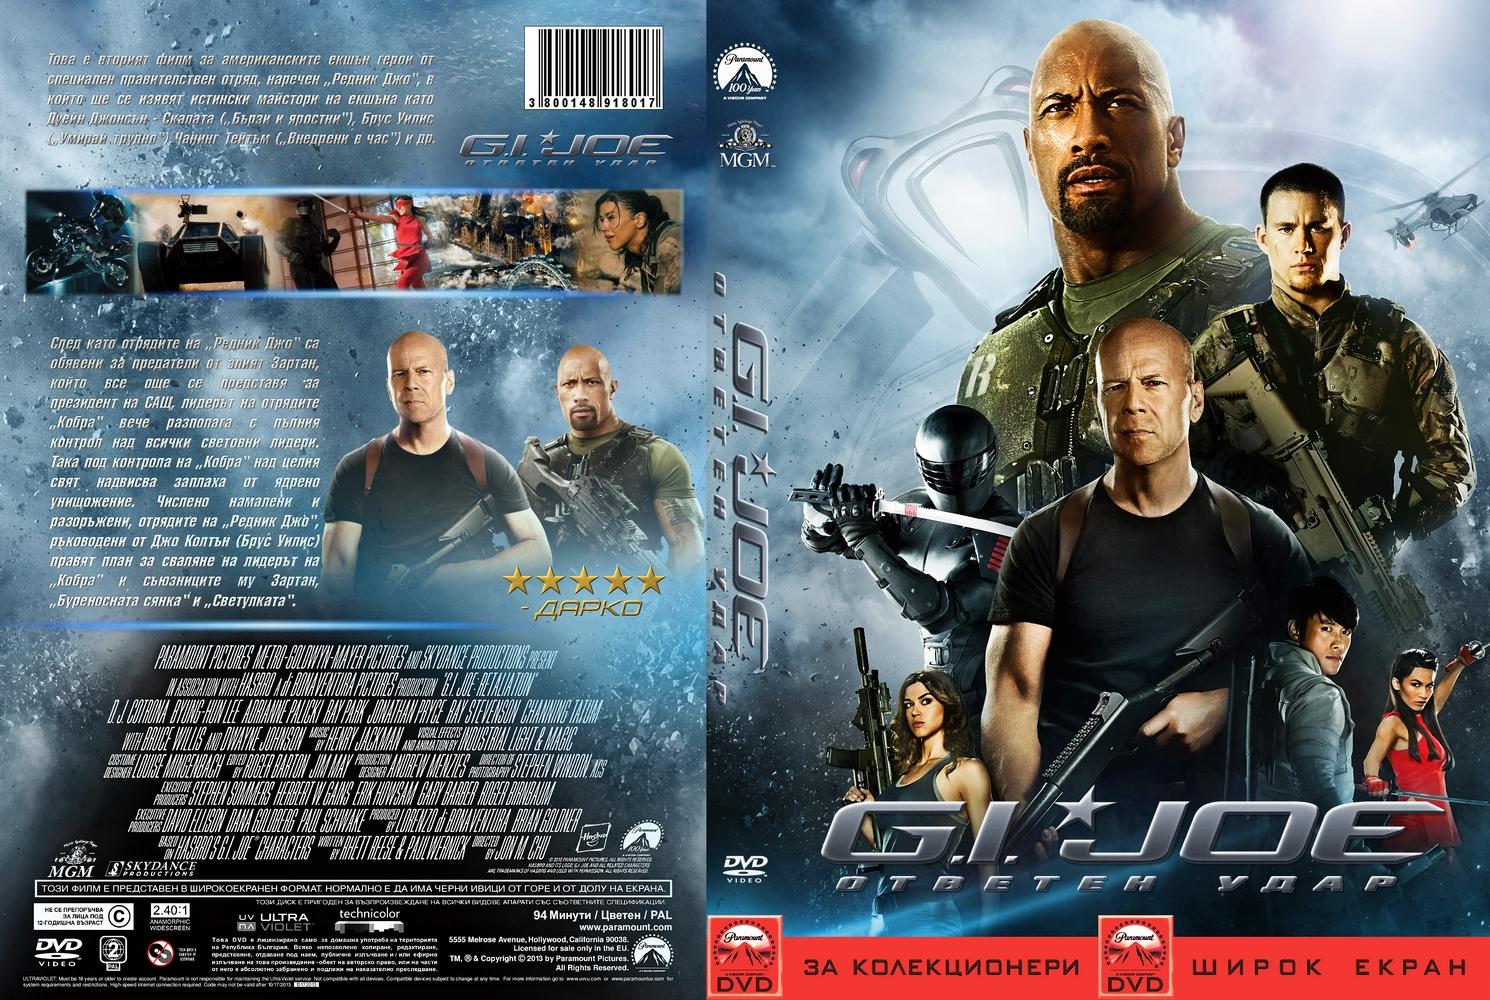 g.i.joe 2 retaliation (2013) – tamil dubbed (torrent download